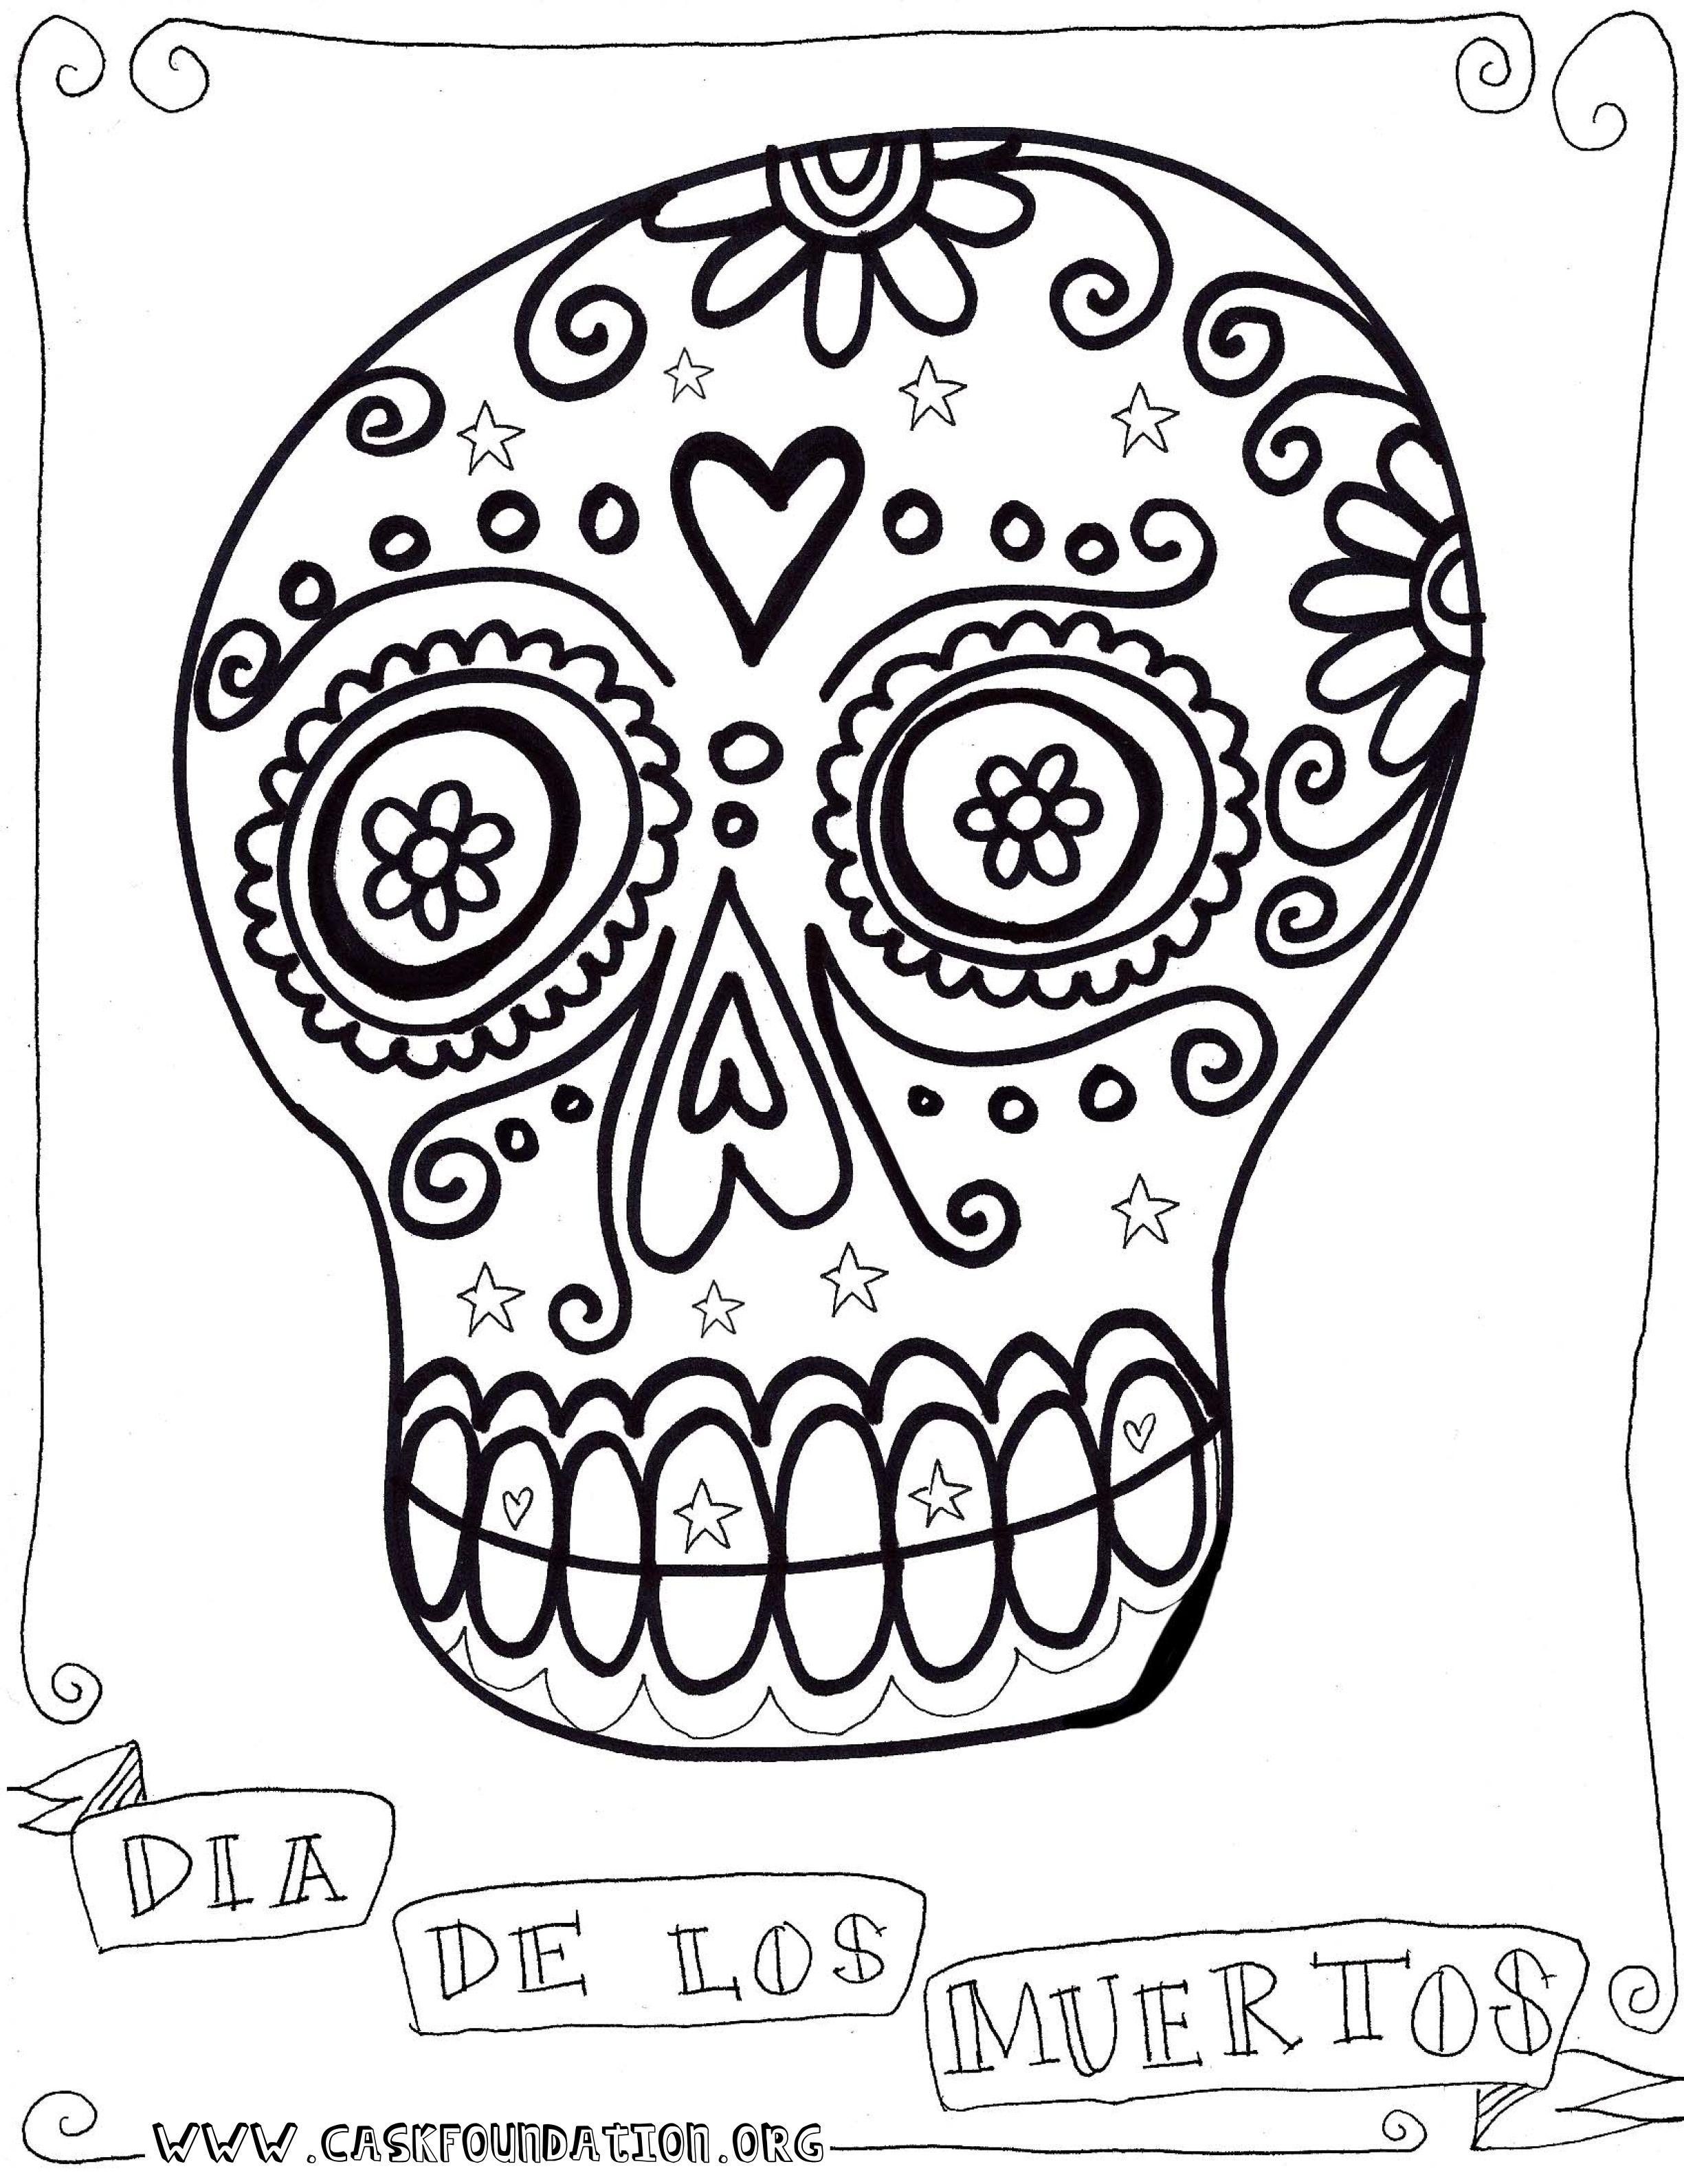 Dia De Los Muertos Coloring Page Skull Coloring Pages Dia De